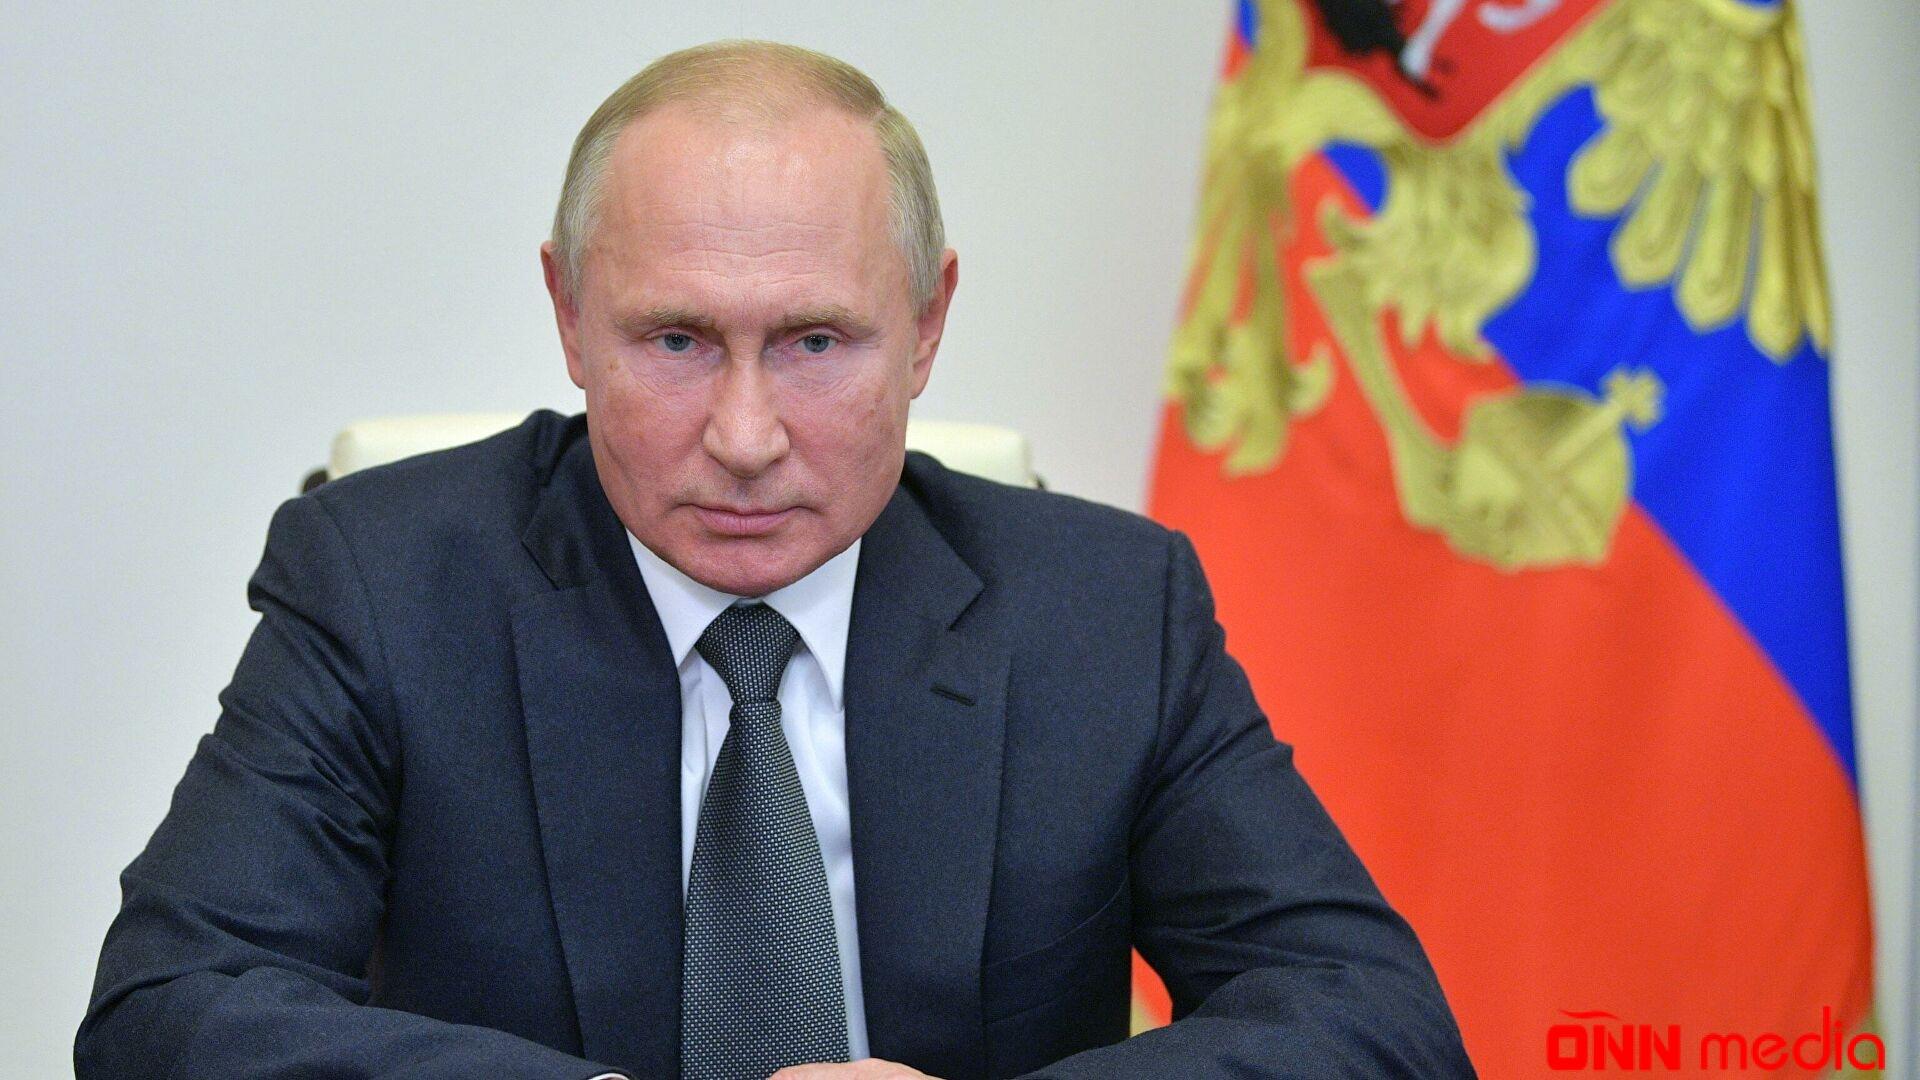 Putin onunla Donbasdan DANIŞDI